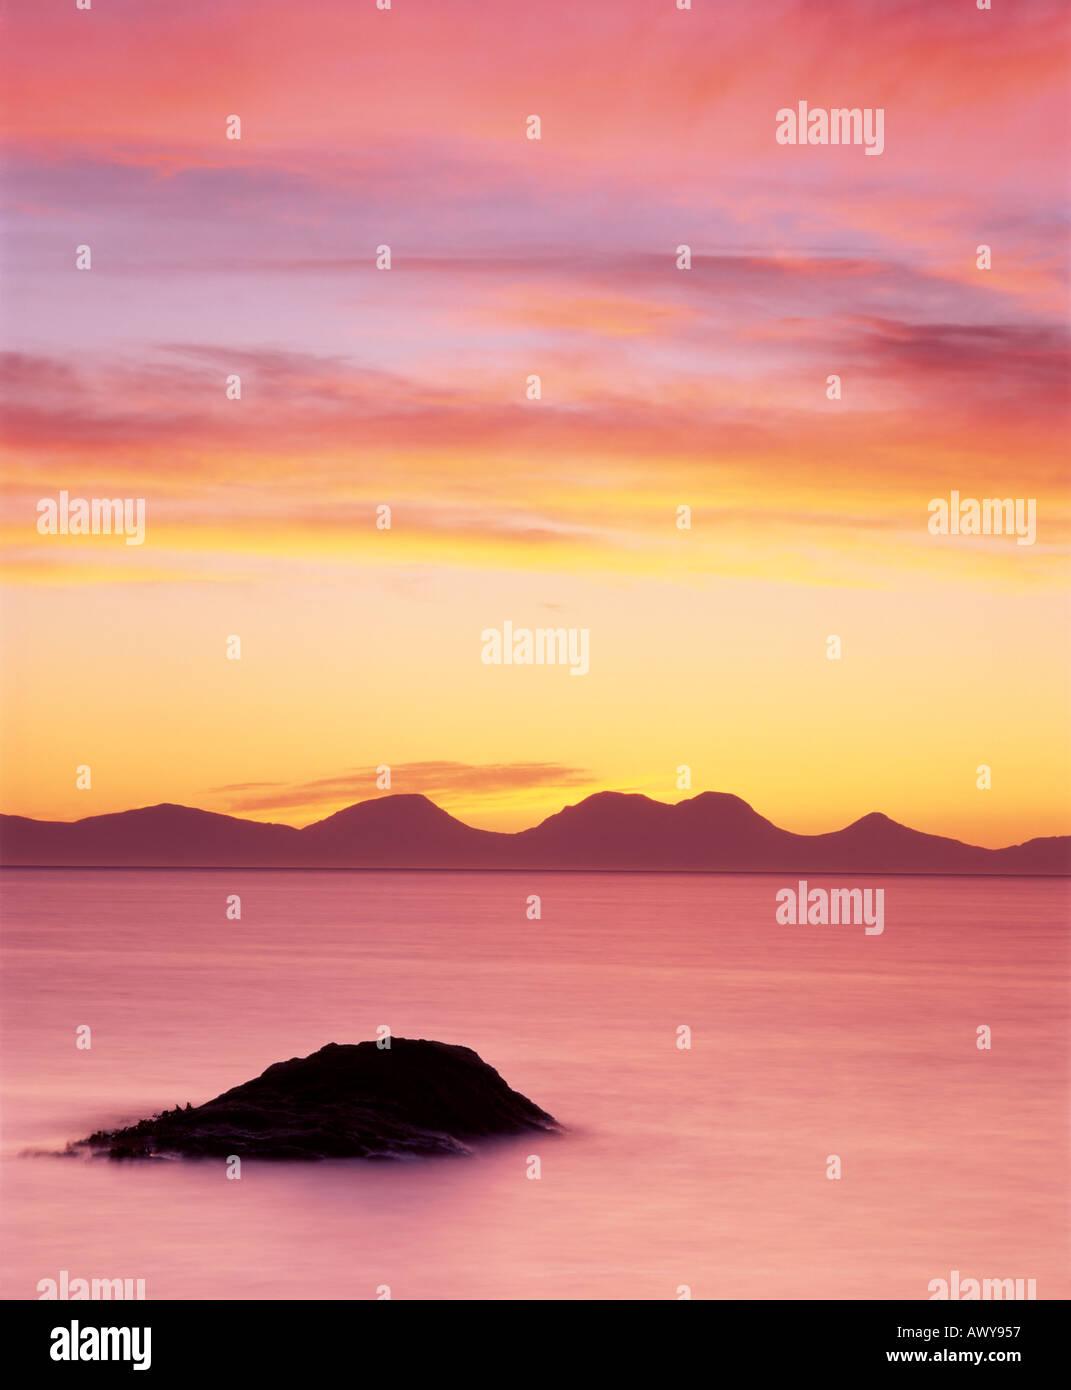 Le PAPS of Jura vu de la péninsule de Kintyre au coucher du soleil, l'Argyll and Bute, Ecosse, Royaume-Uni Photo Stock